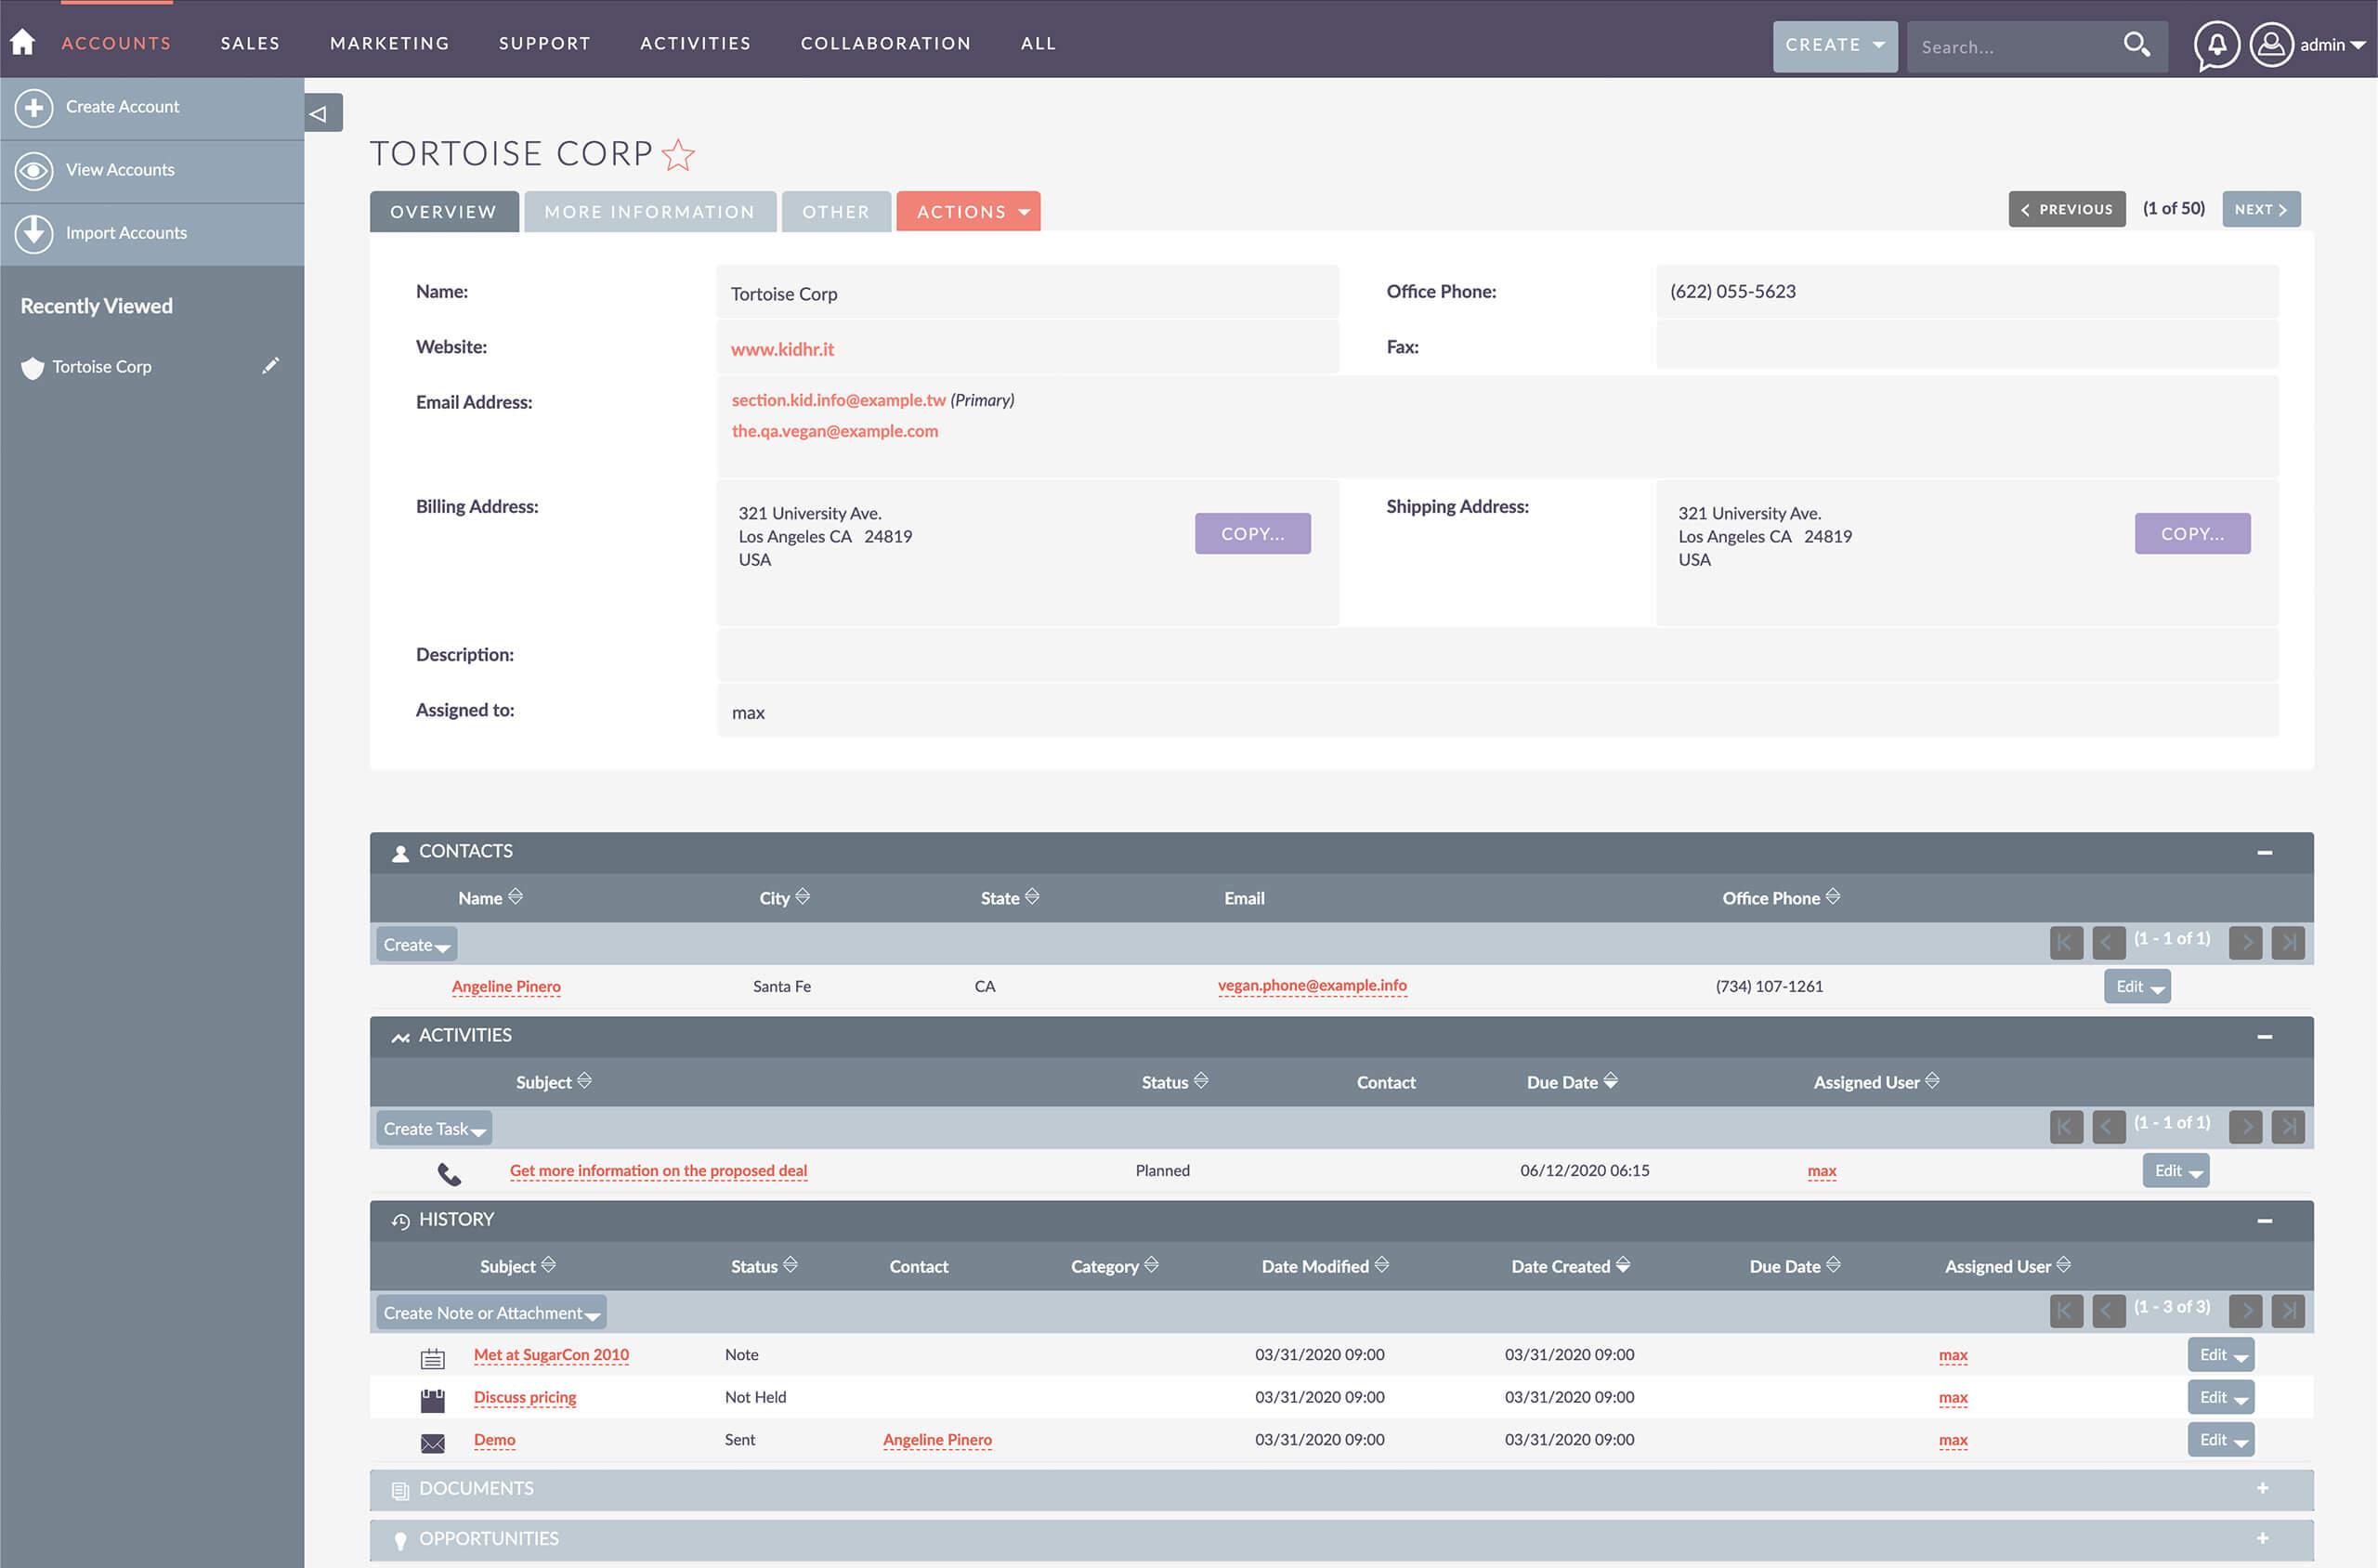 suitecrm-app-screenshots-1